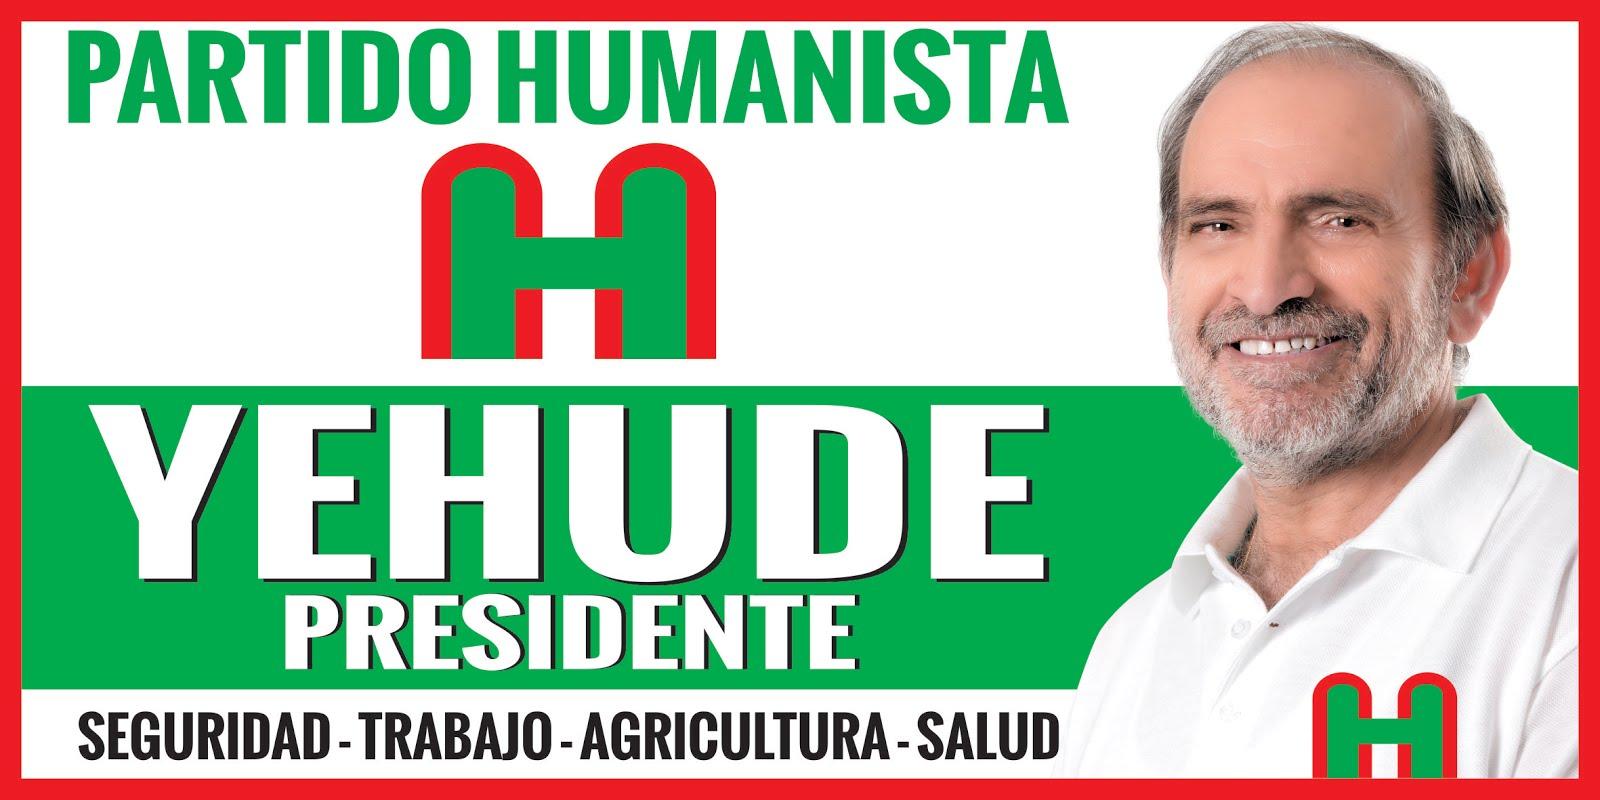 PARTIDO HUMANISTA PERUANO